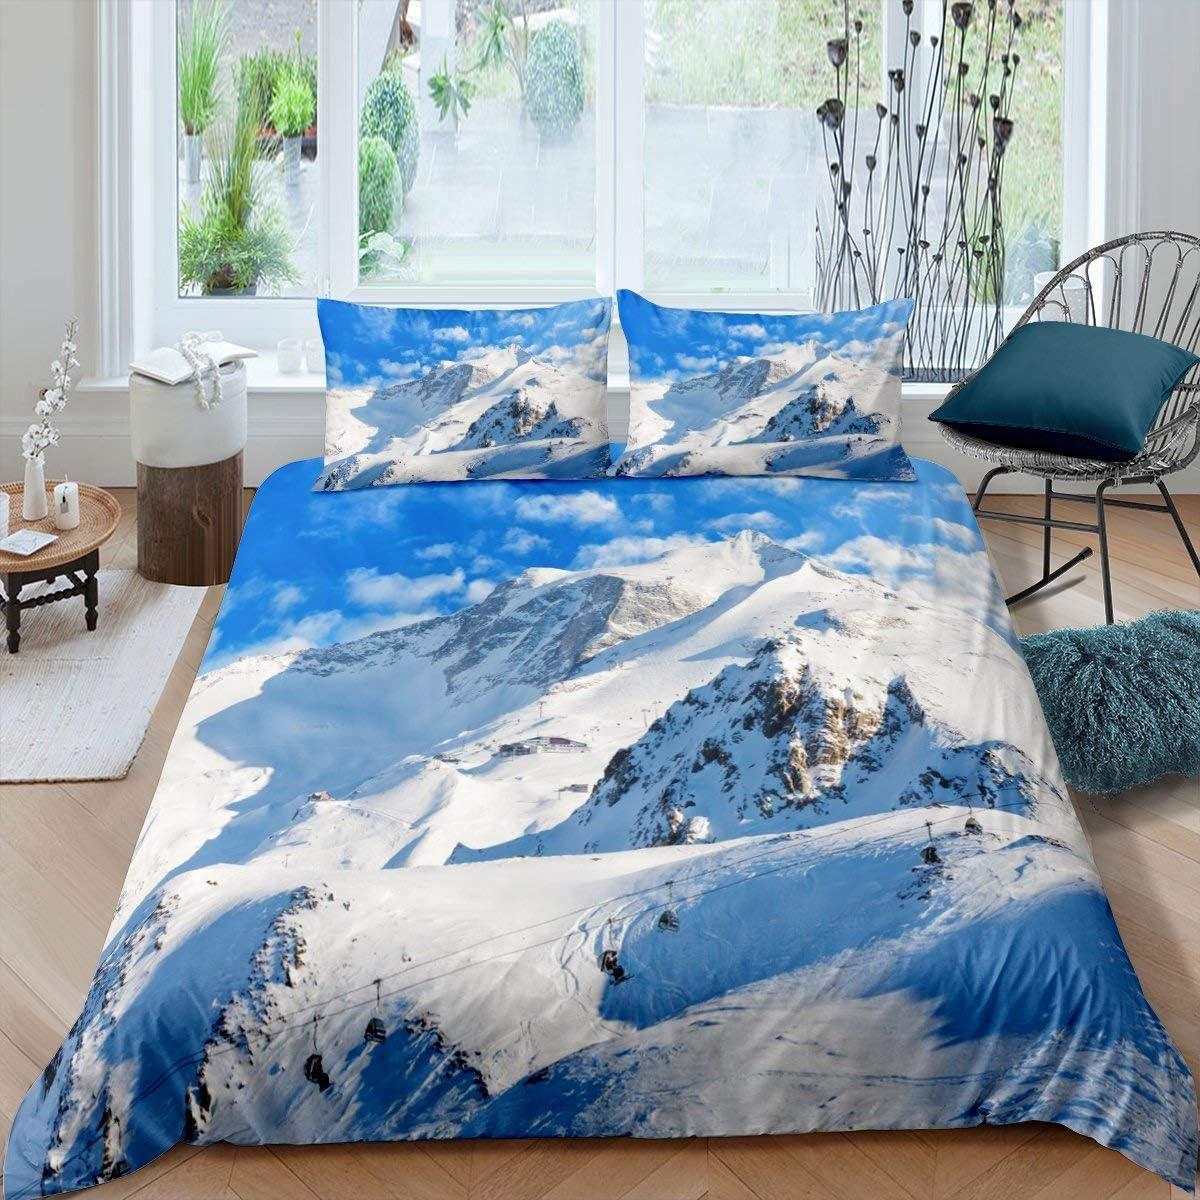 Erosebridal Snow Mountain 通常便なら送料無料 Comforter Twin ◆セール特価品◆ Cover Pea Size